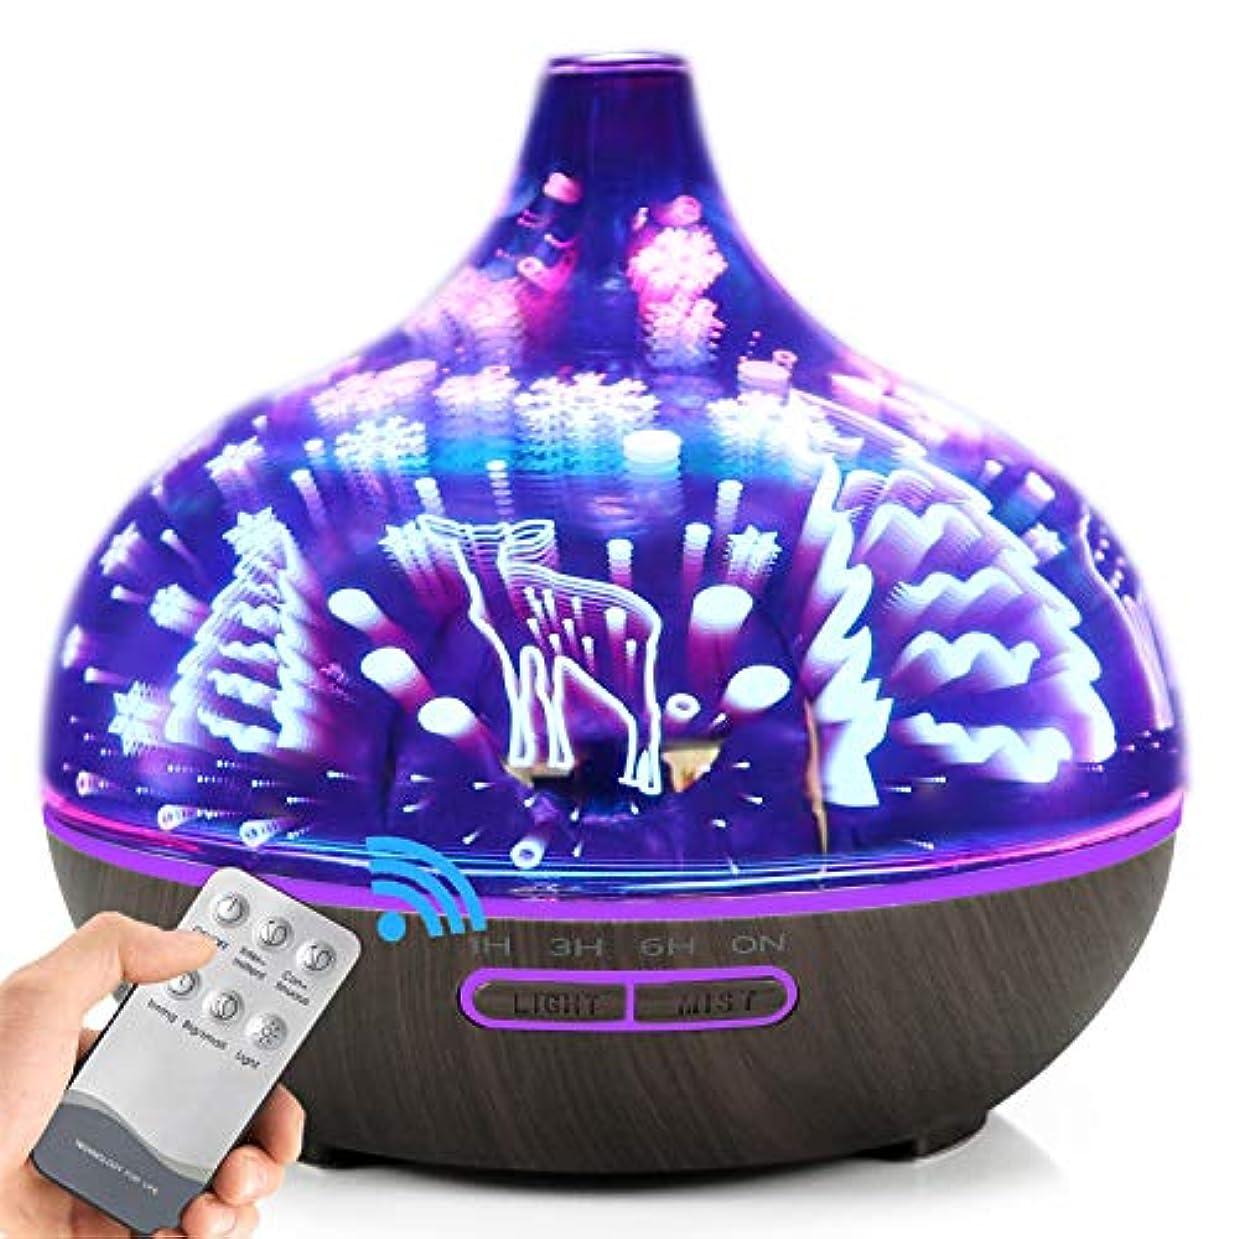 検閲主権者不幸AXNYLHY Essential Oil Diffuser,400ml Aroma Diffuser 3D Colorful LED Night Light Glass humidifiers for Bedroom,...